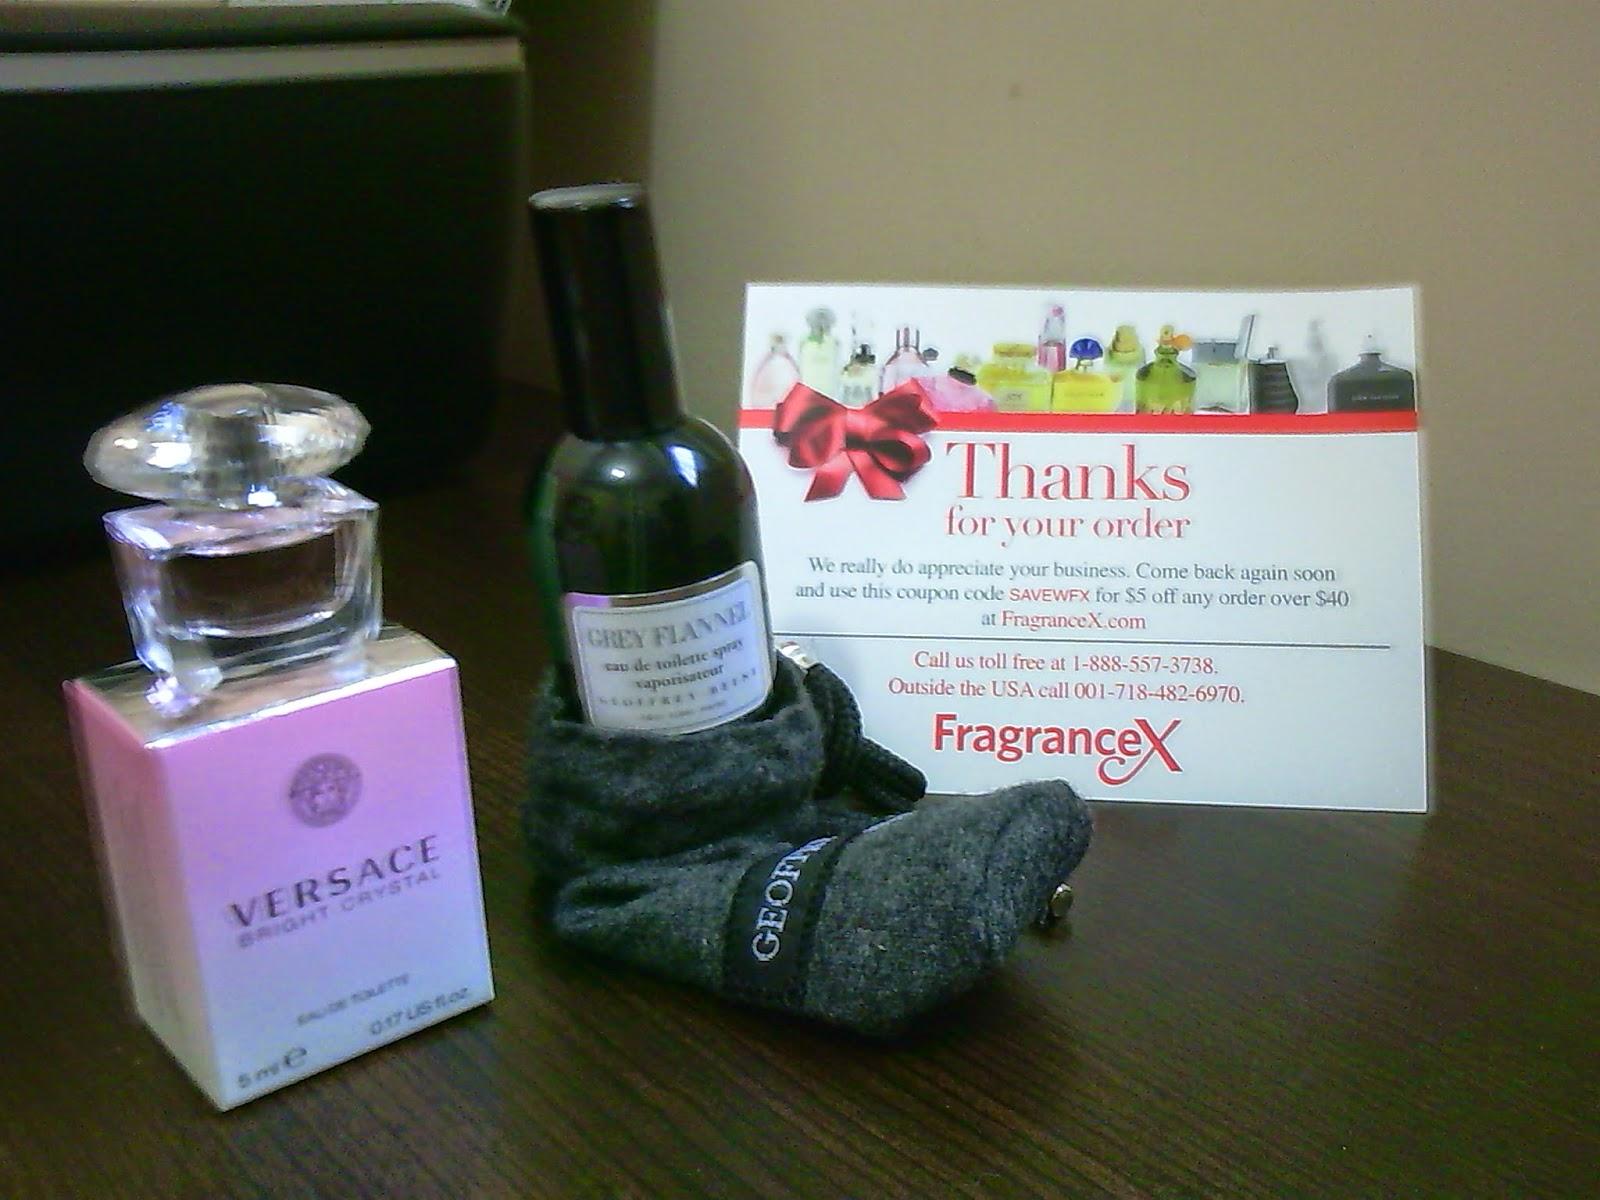 unboxing-review-perfumes-fragrancex.com-importar-eua